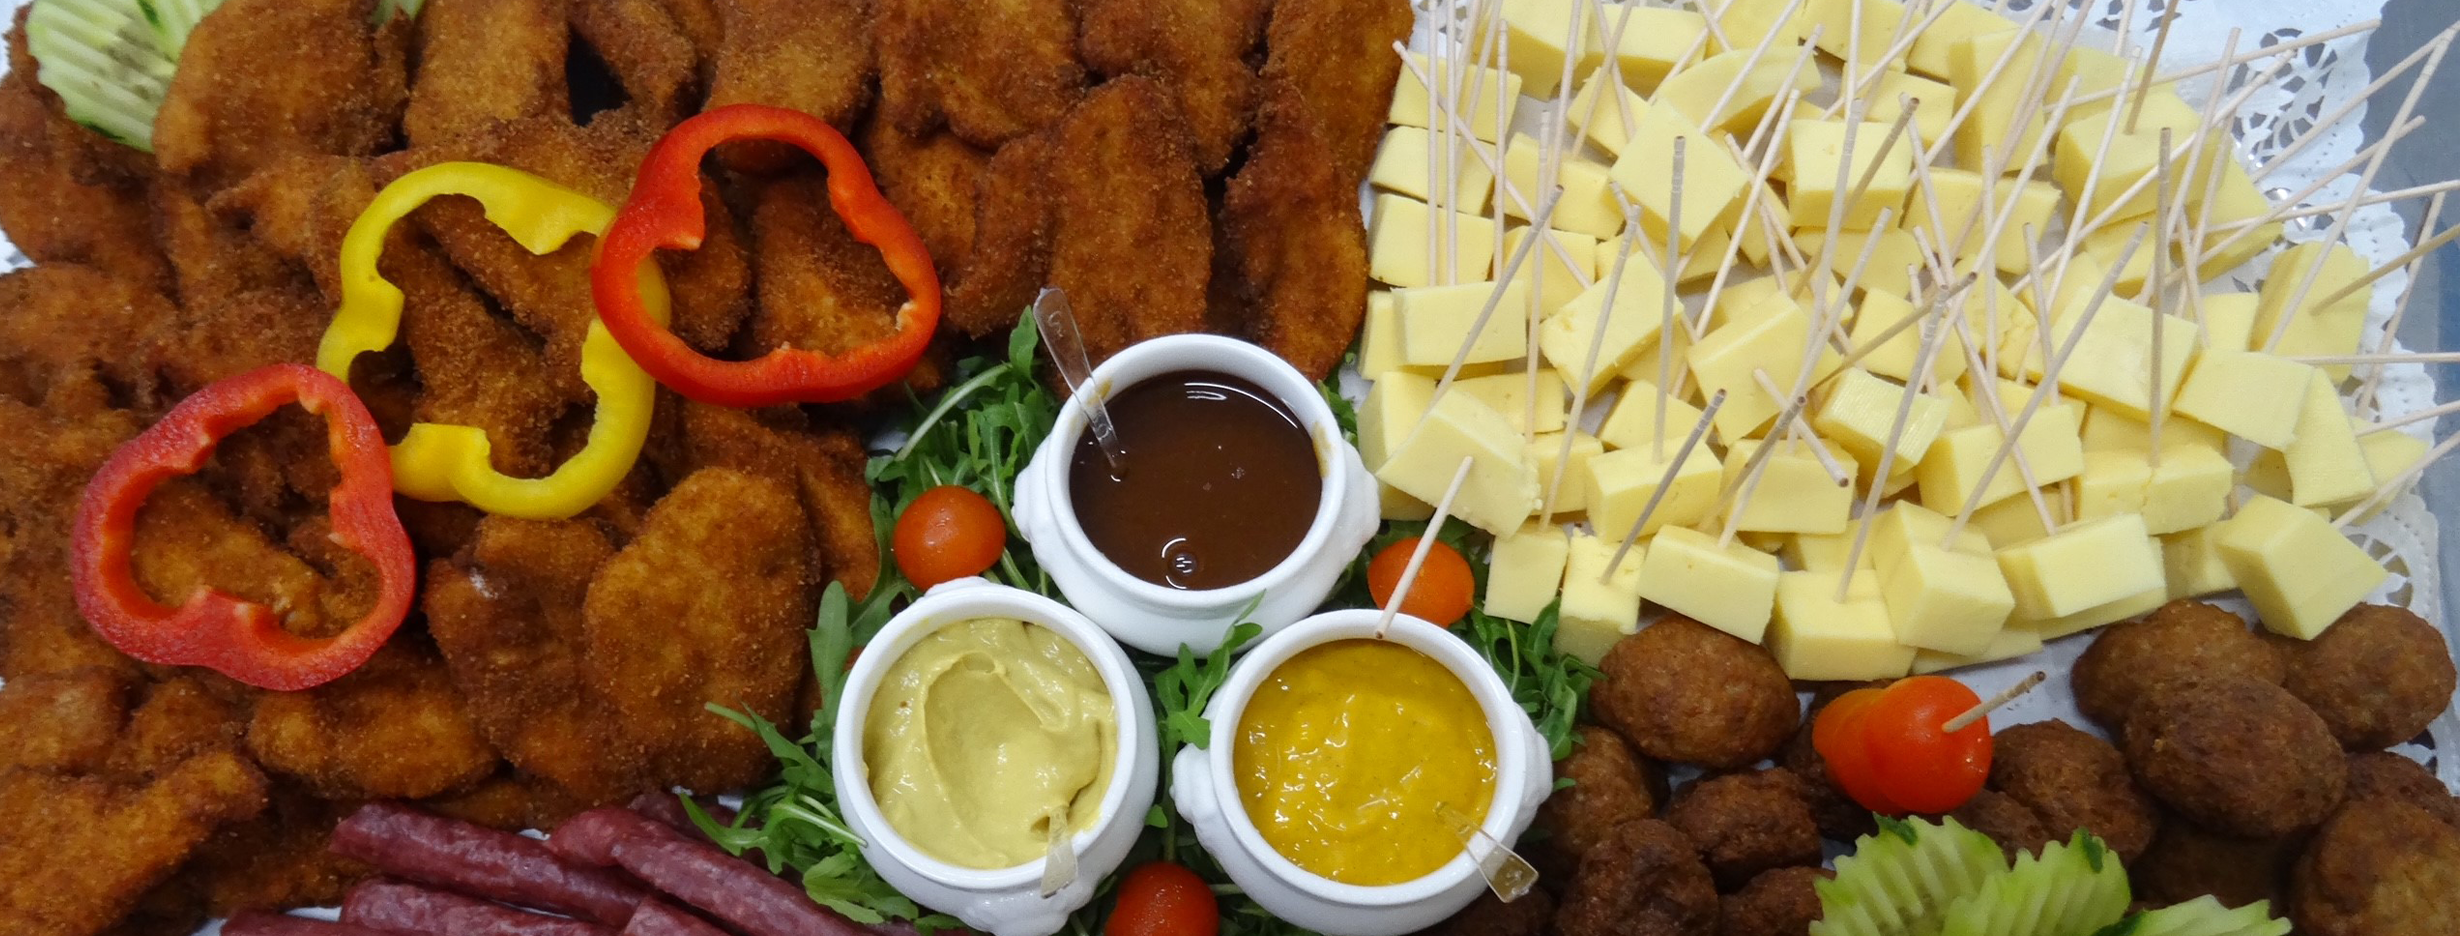 Familie Steverding macht Feiern zum kulinarischen